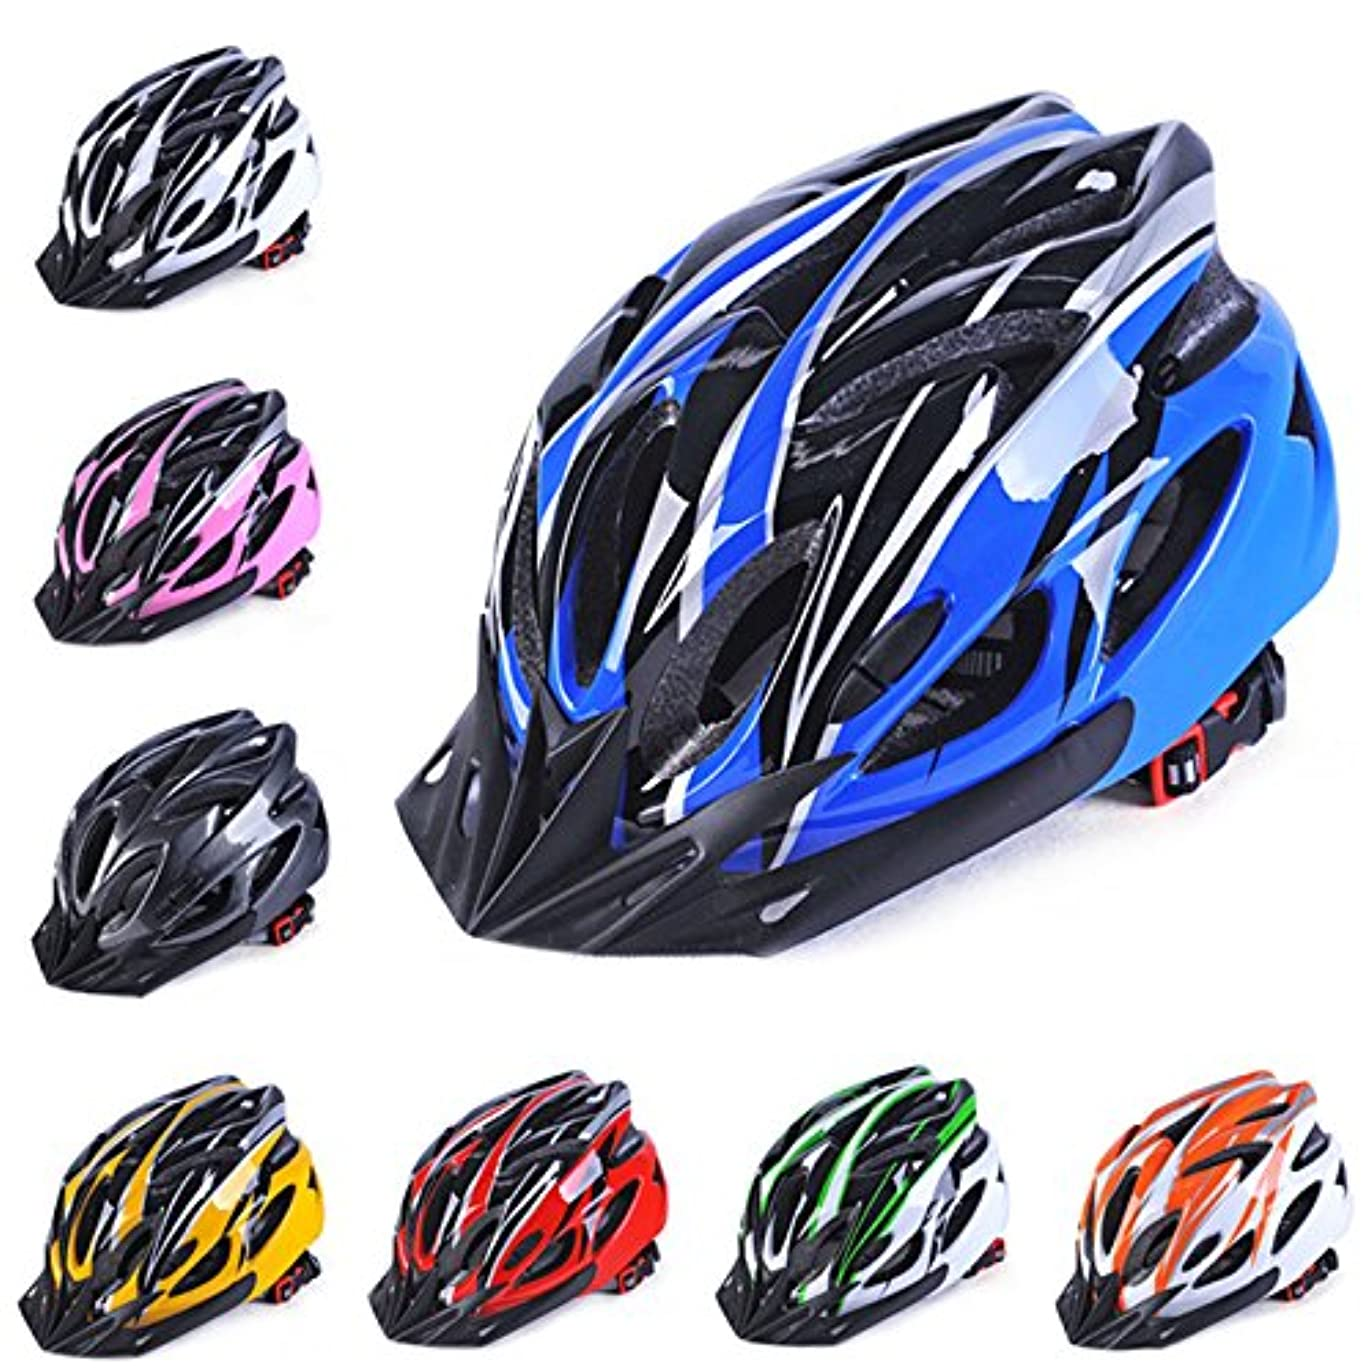 シードカップ威信RaiFu ヘルメット 超軽量 自転車 一体成形 調整可能 通気性 大人用 サイクリング ヘルメット ブルー?ブラック